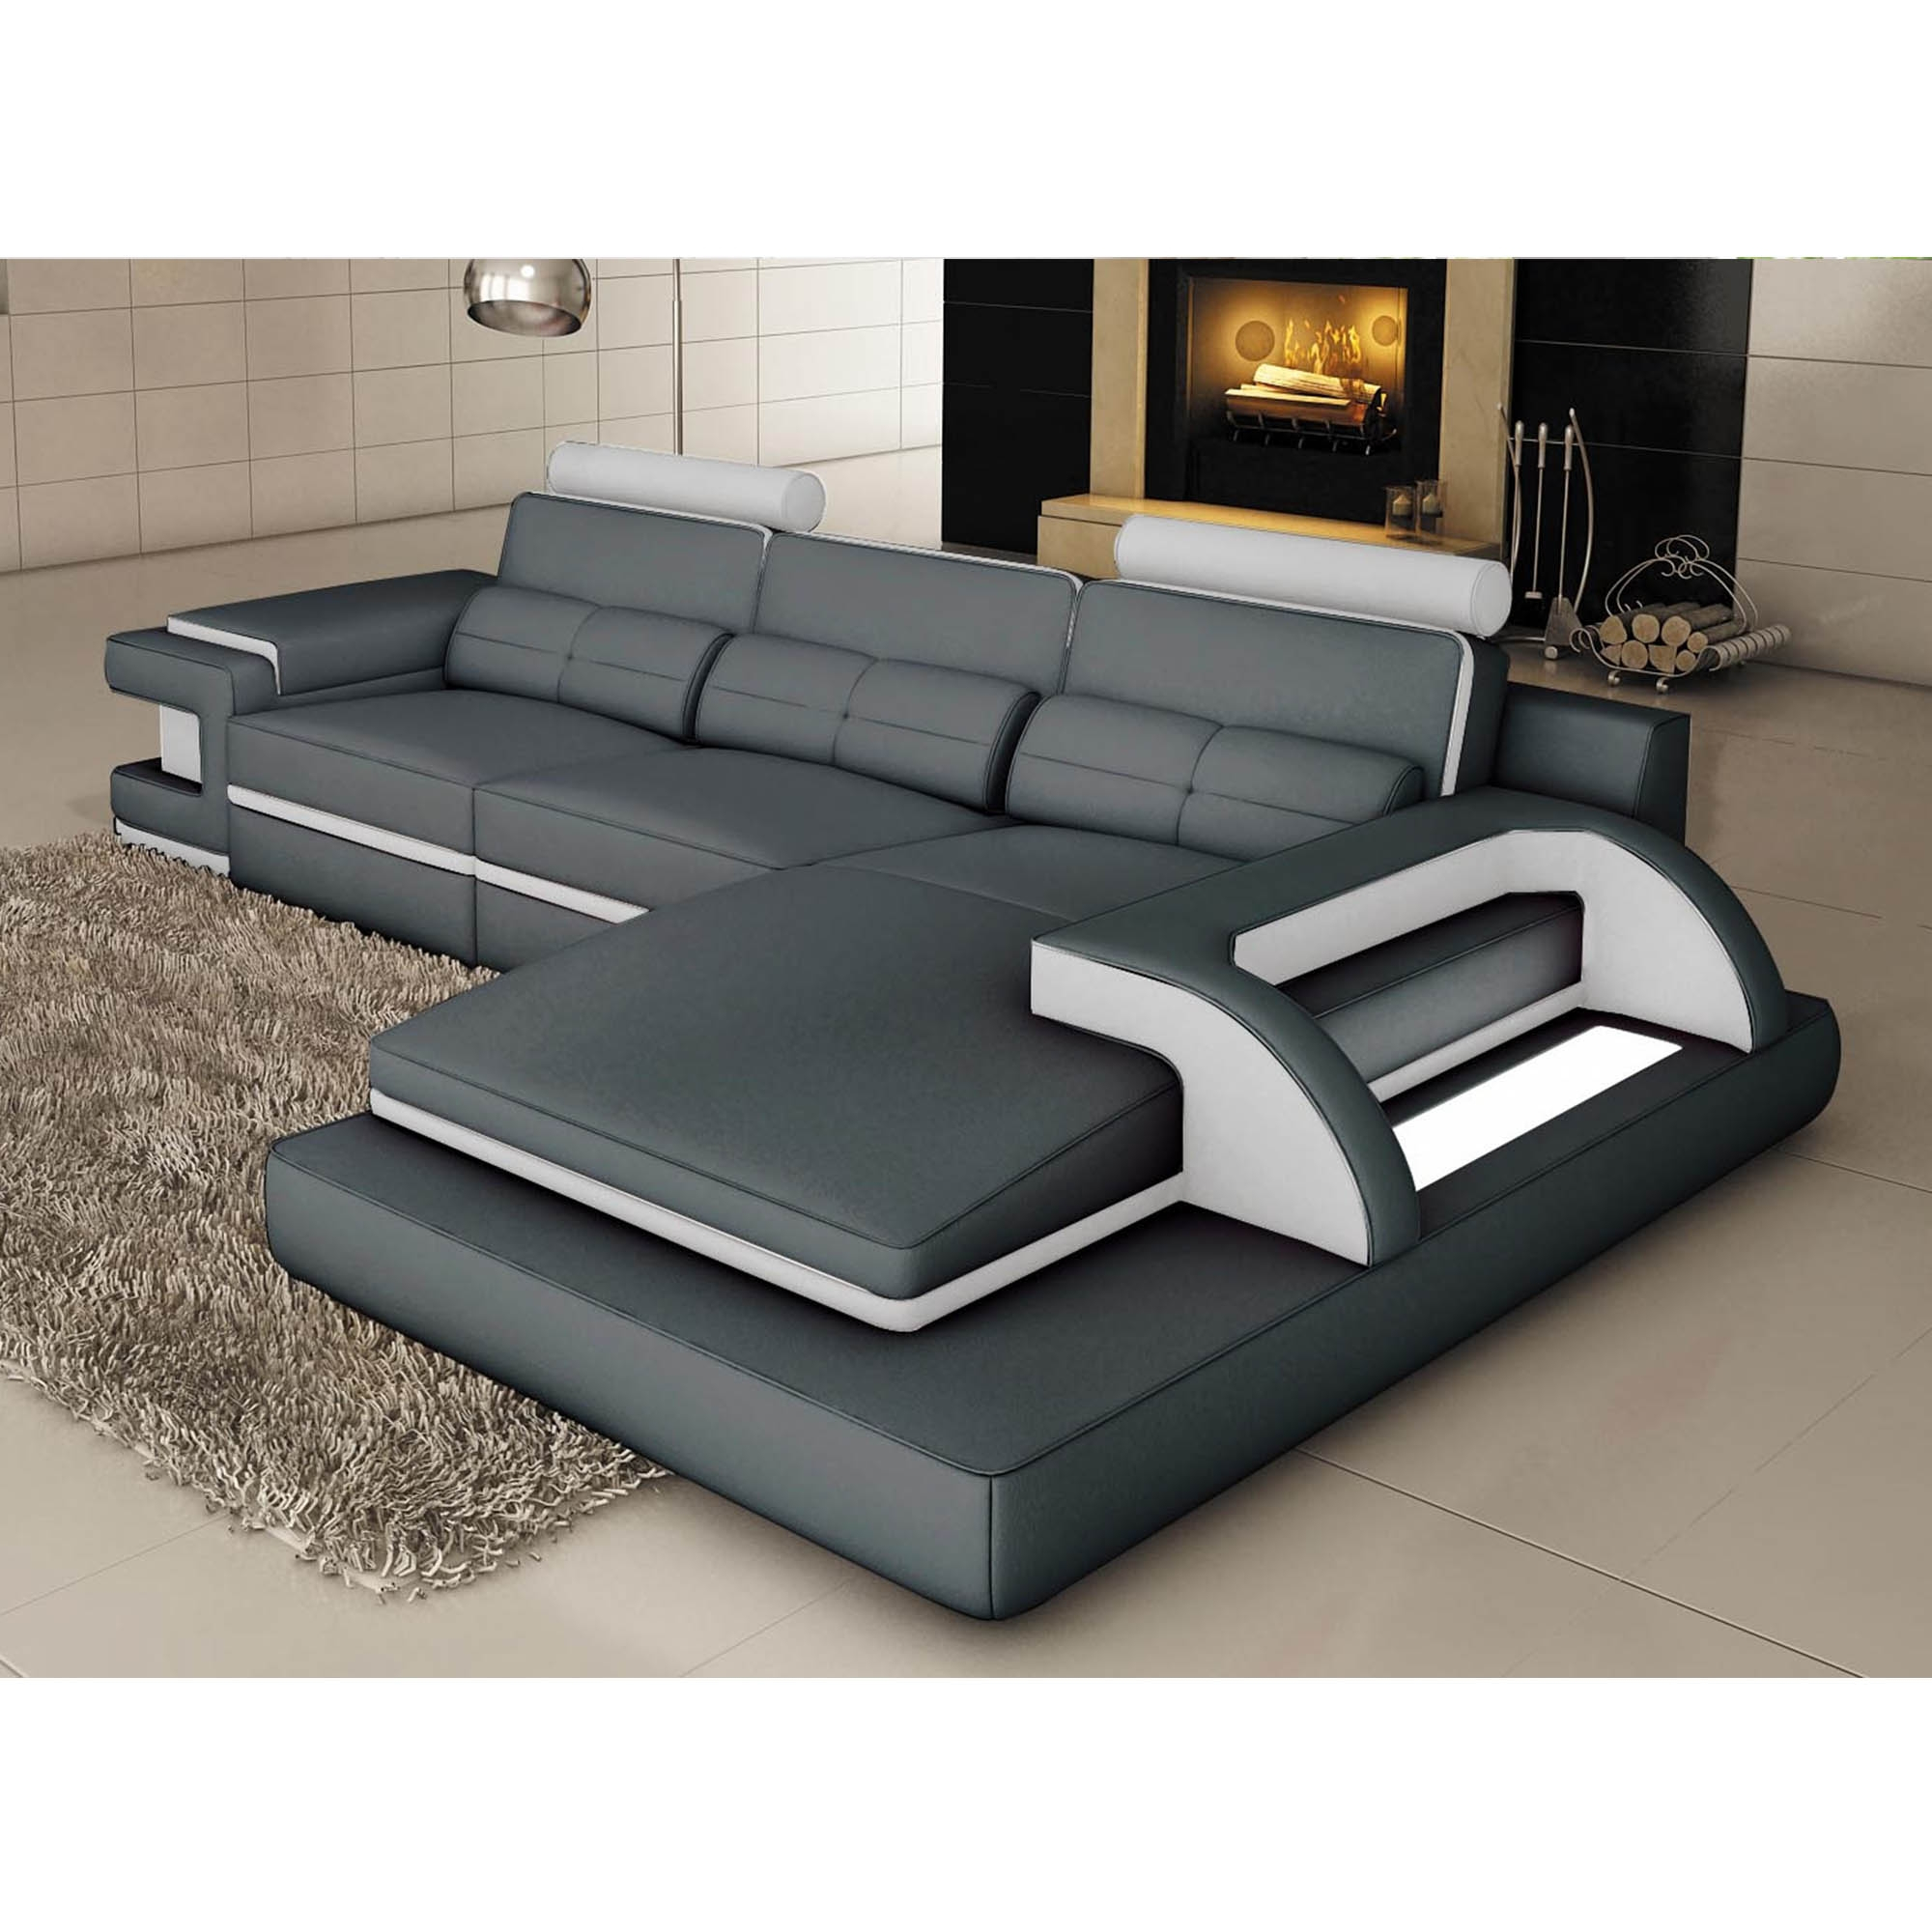 DECO IN PARIS Canape d angle cuir gris et blanc design